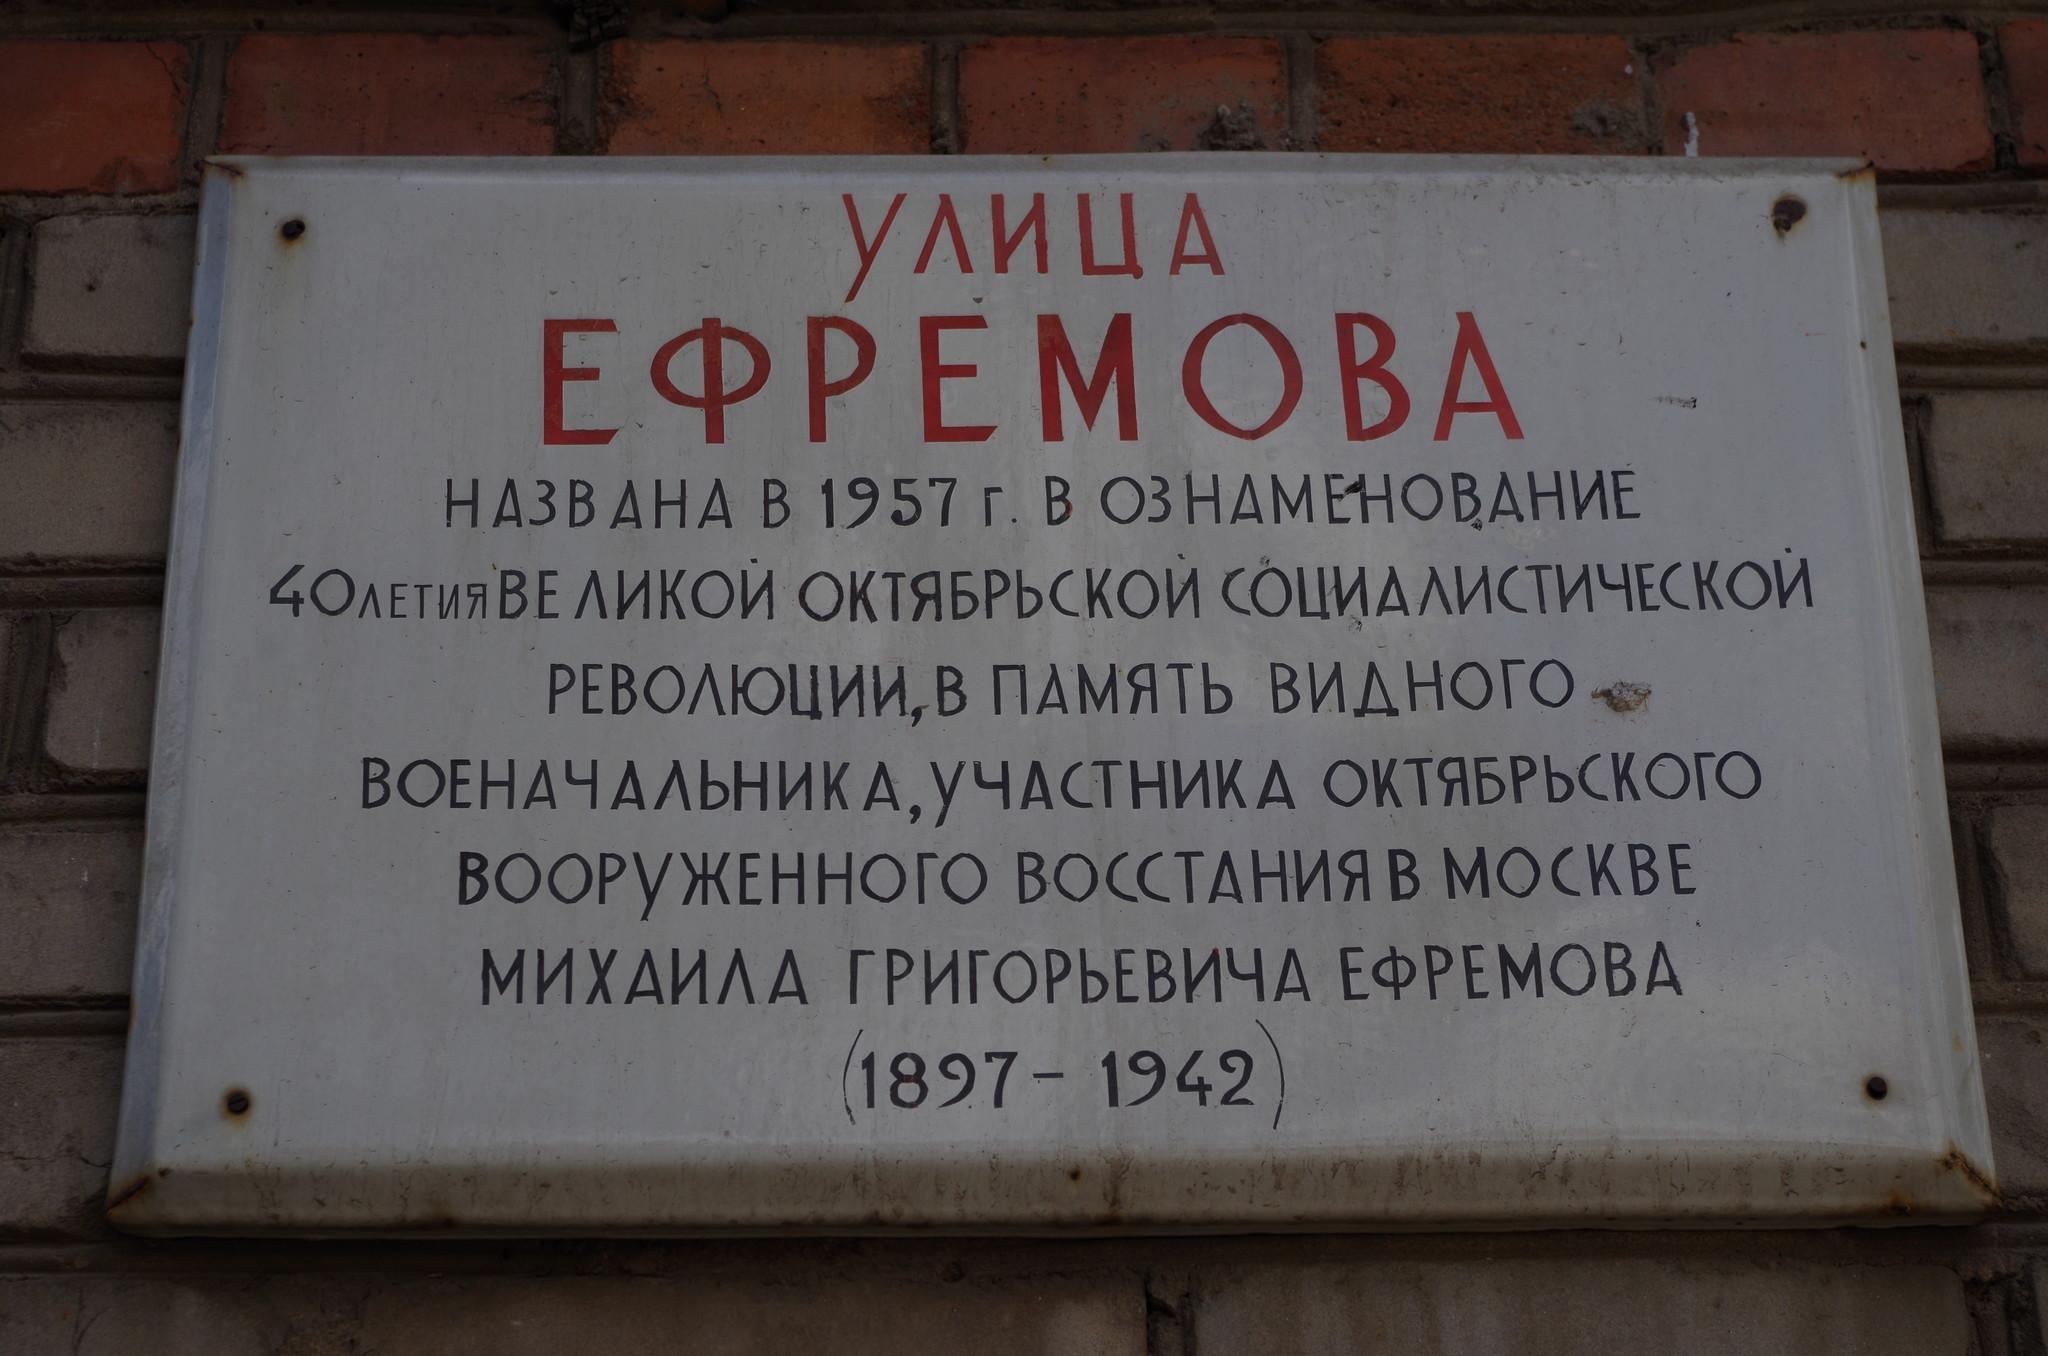 Мемориальная доска на улице Ефремова в Москве